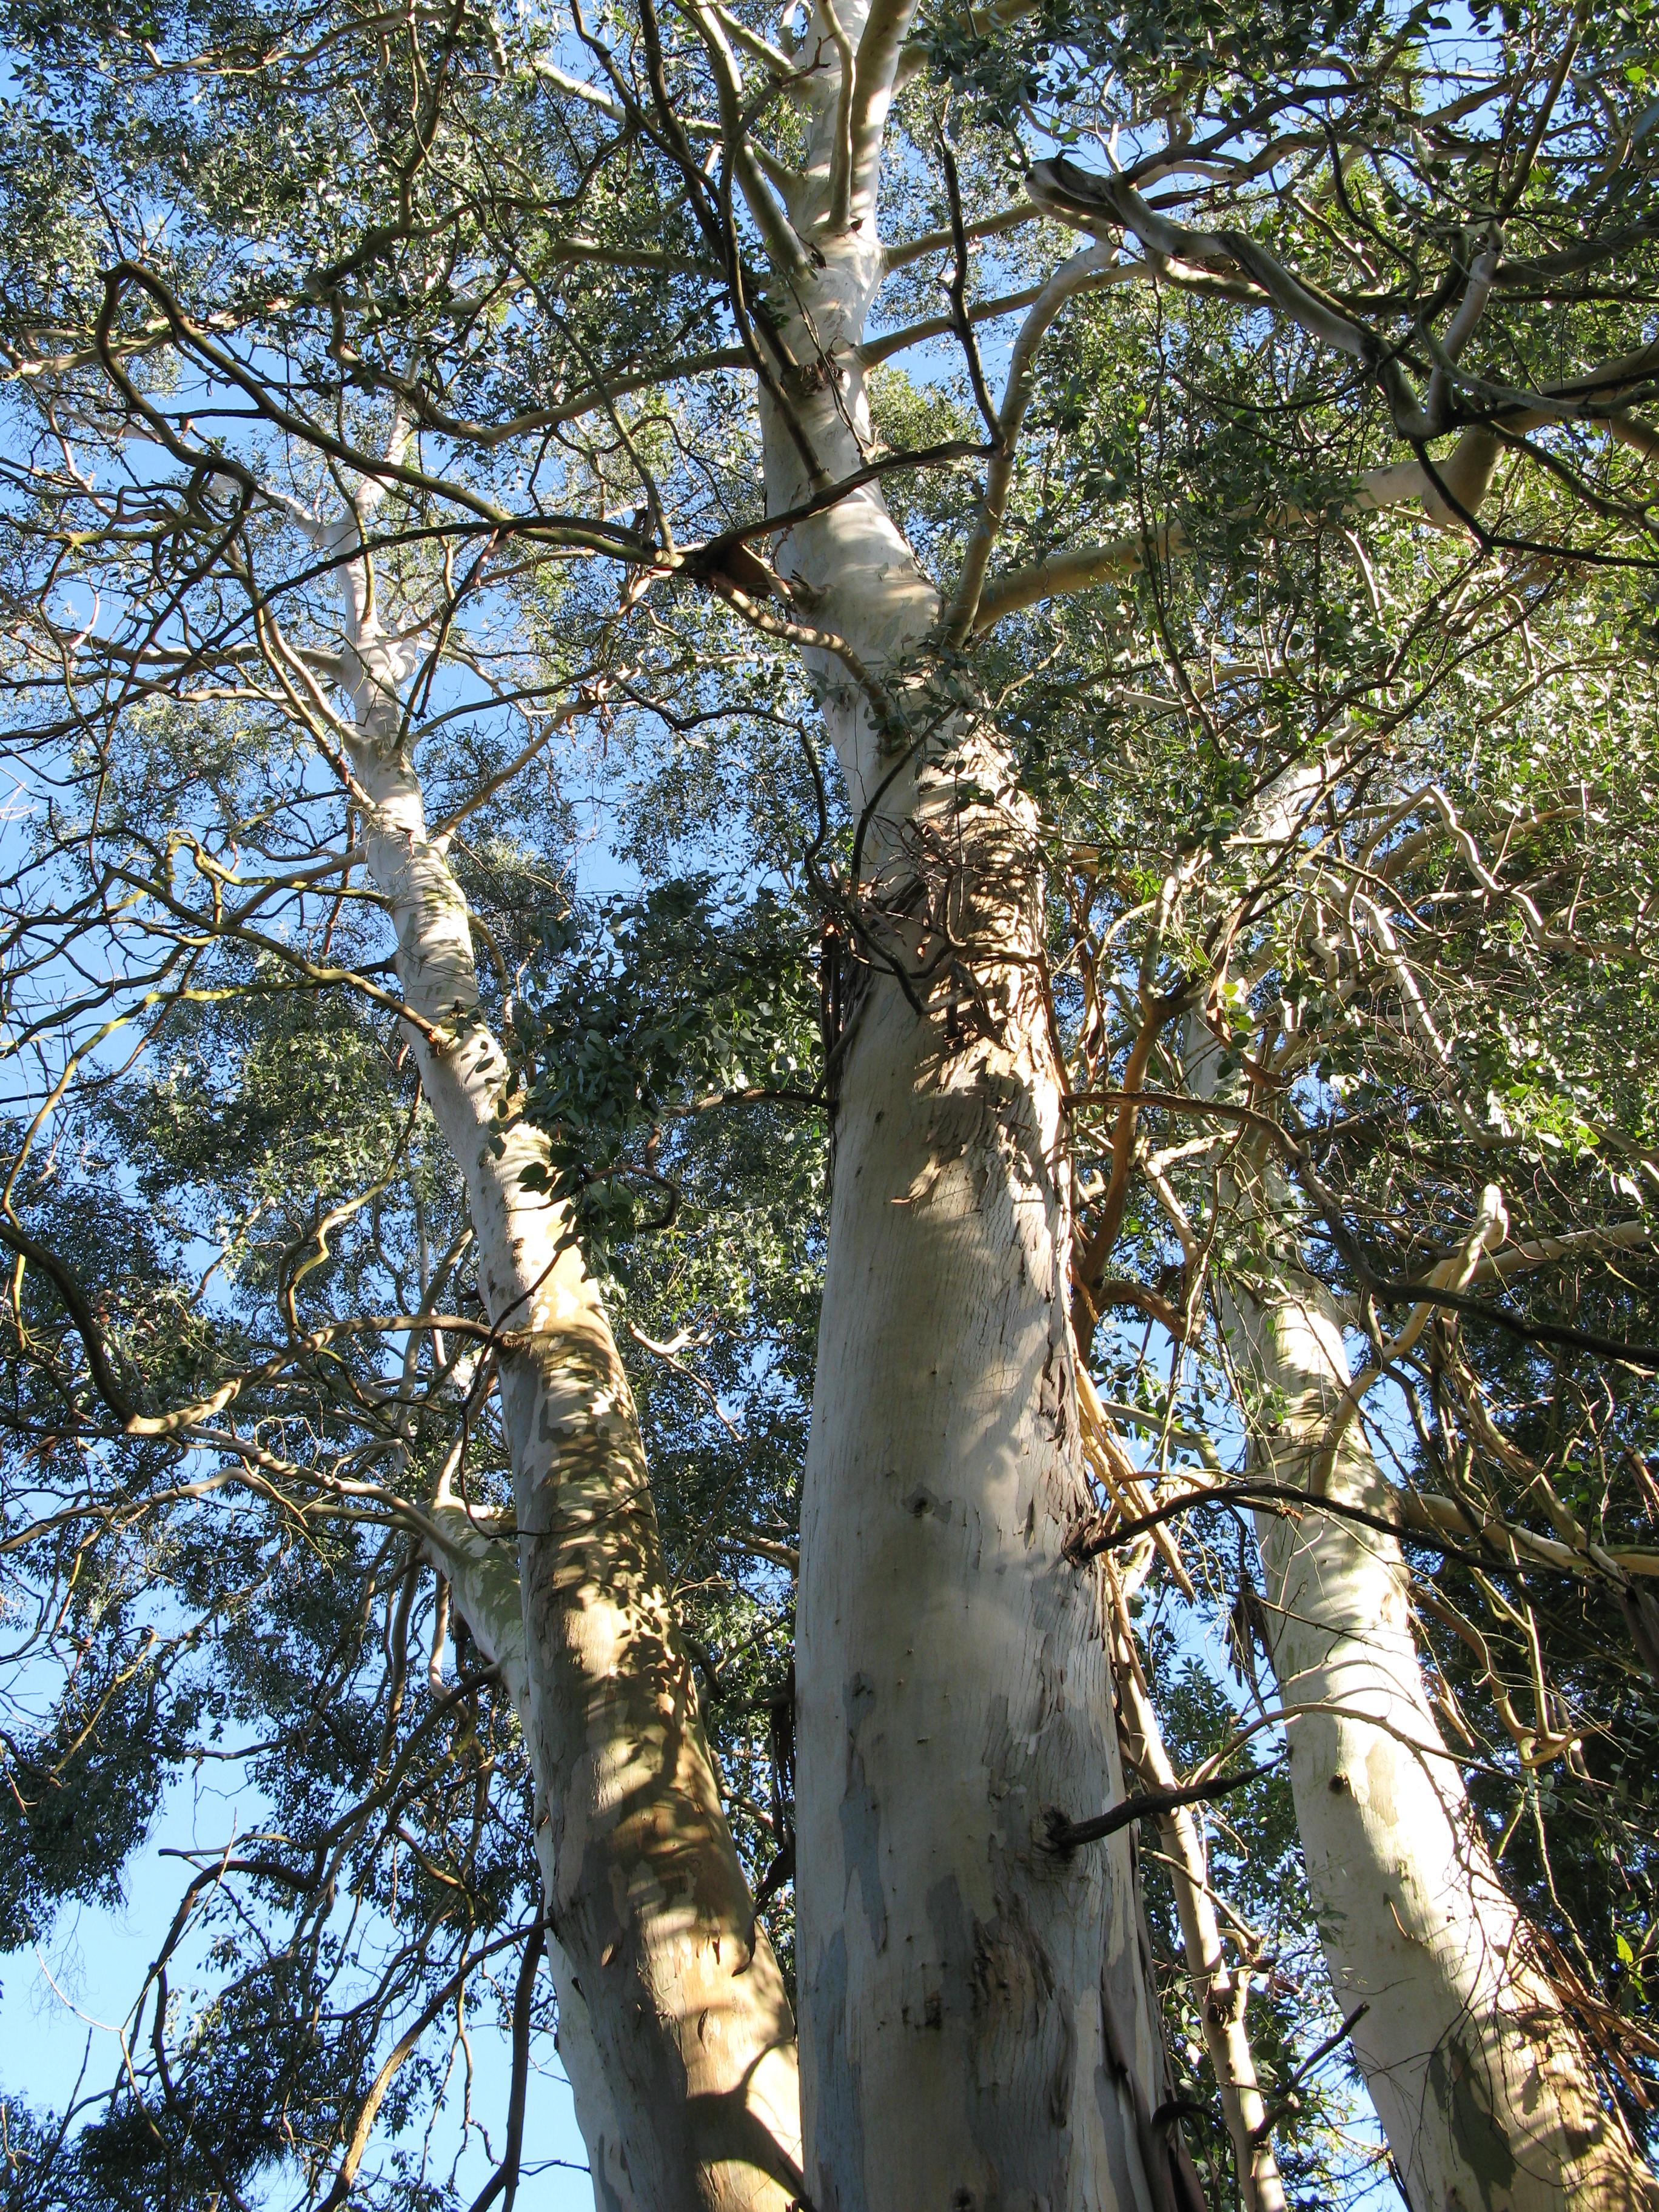 Eucalyptus in the Old Botanic Garden, Poole Gate